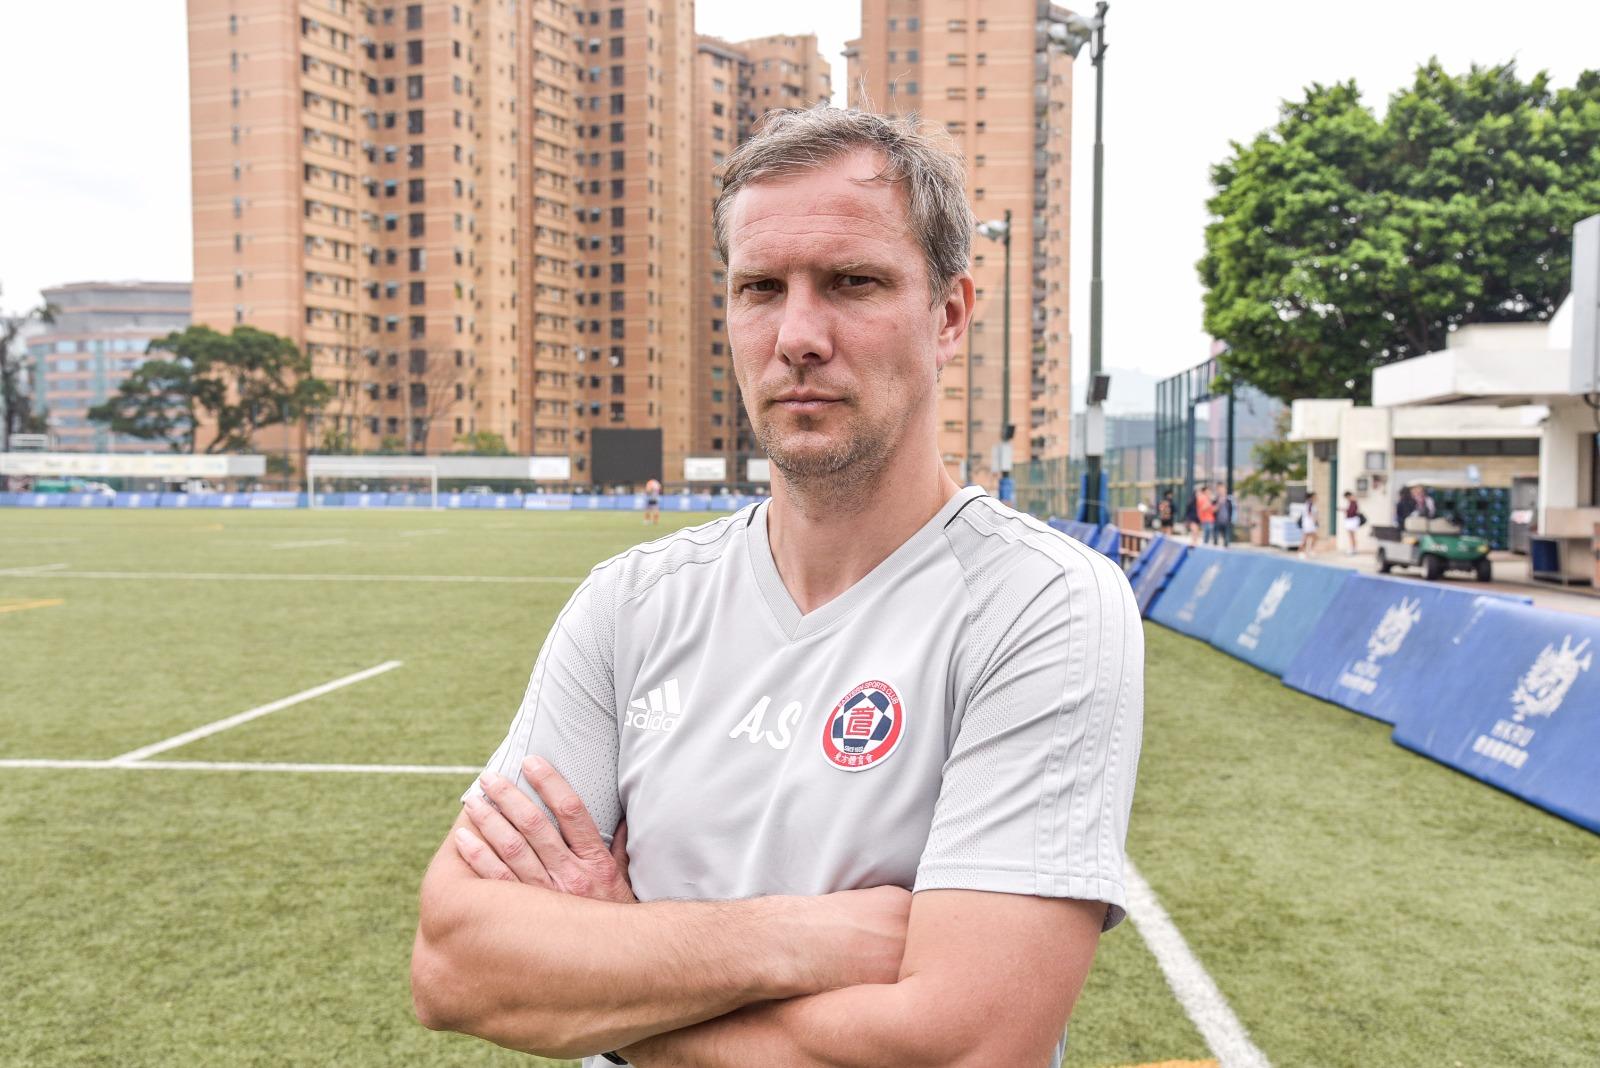 东方龙狮宣布觅得曾担任富咸青训教练的前拉脱维亚国脚安祖史杜锡接掌帅印。相片由公关提供